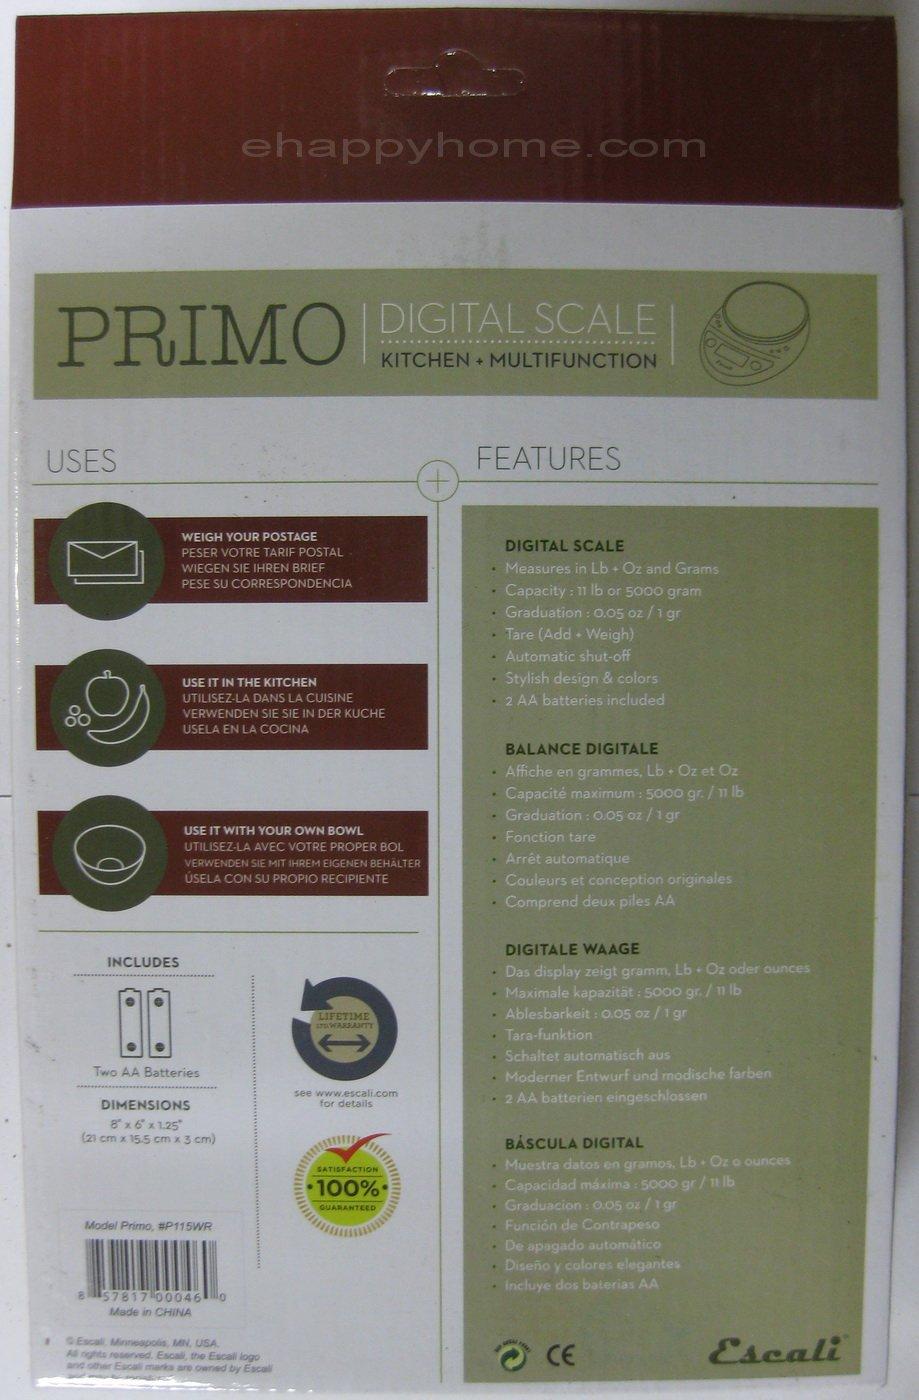 Amazon.com: Escali Primo P115WR Digital Kitchen Food Scale-Warm Red: Health & Personal Care